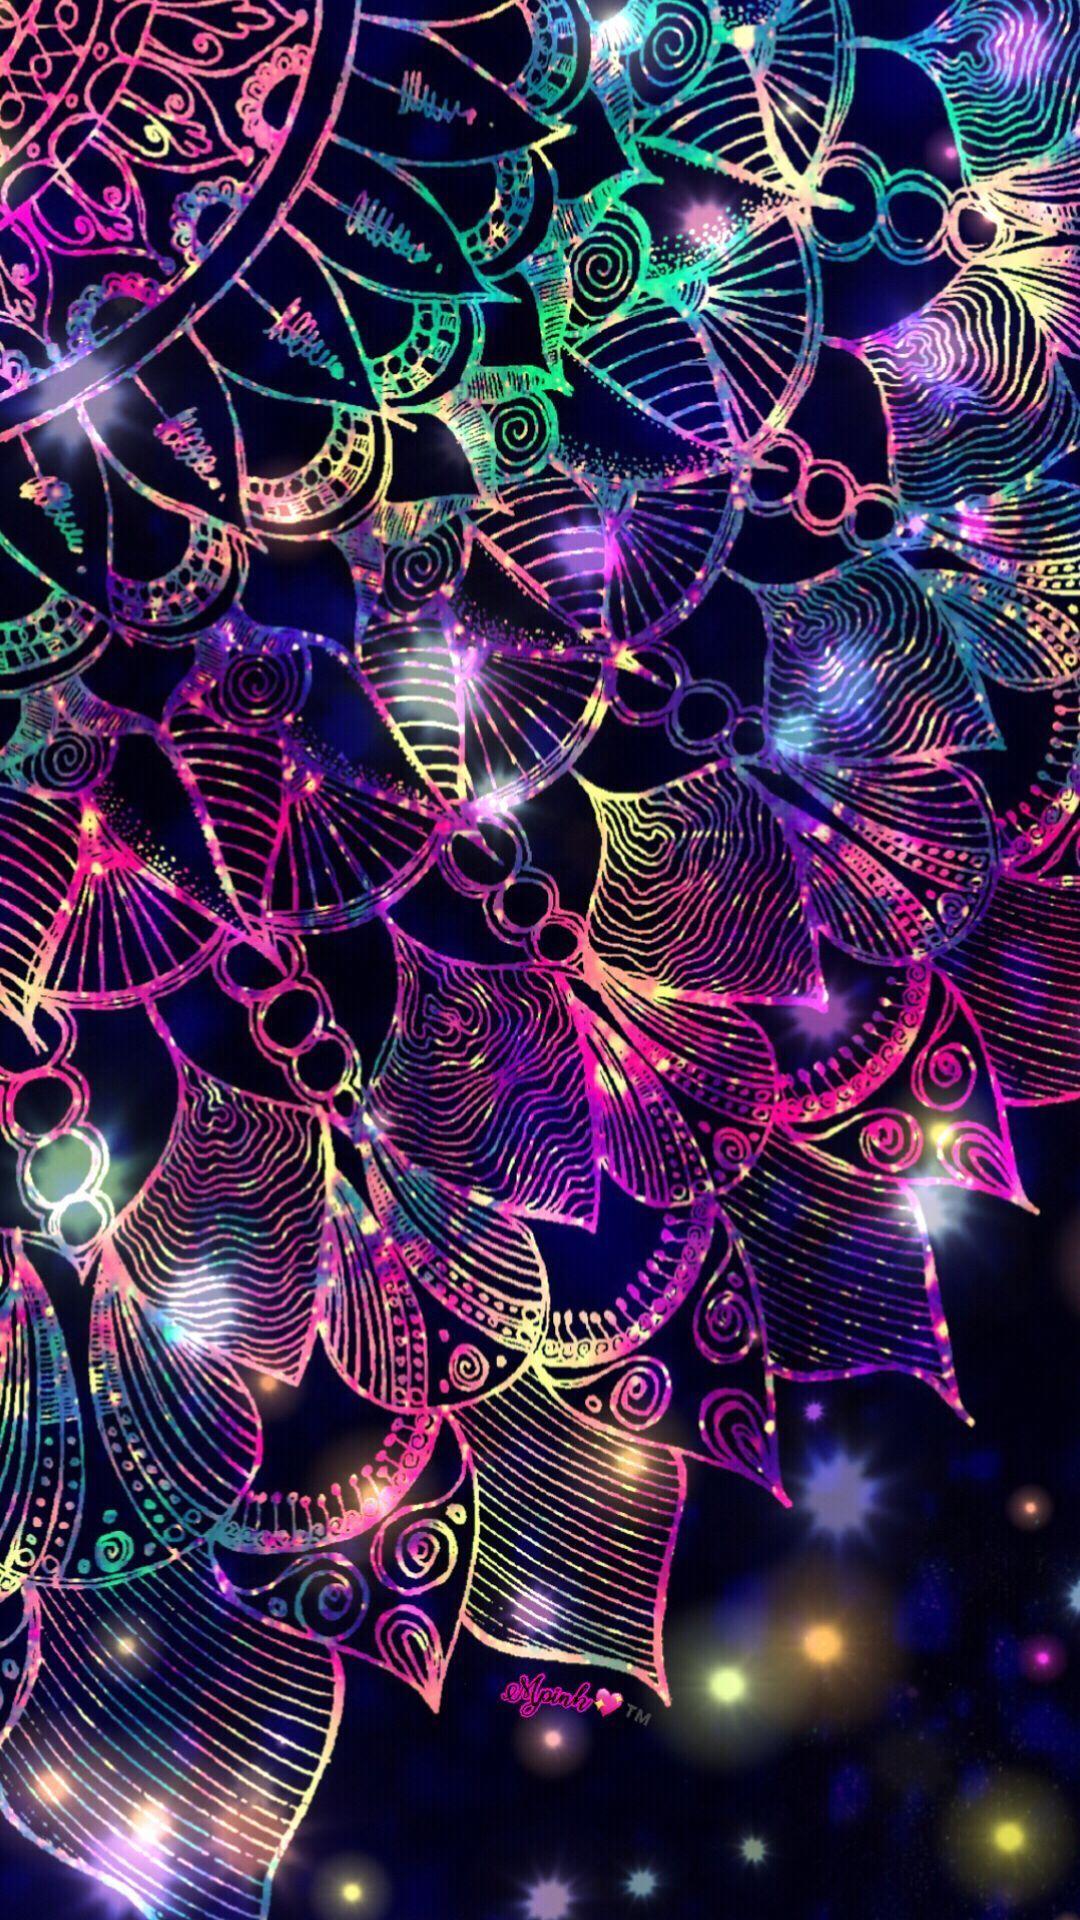 New Iphone Wallpaper Iphone Wallpaper Dreamcatcher Wallpaper Galaxy Wallpaper Fractal Art